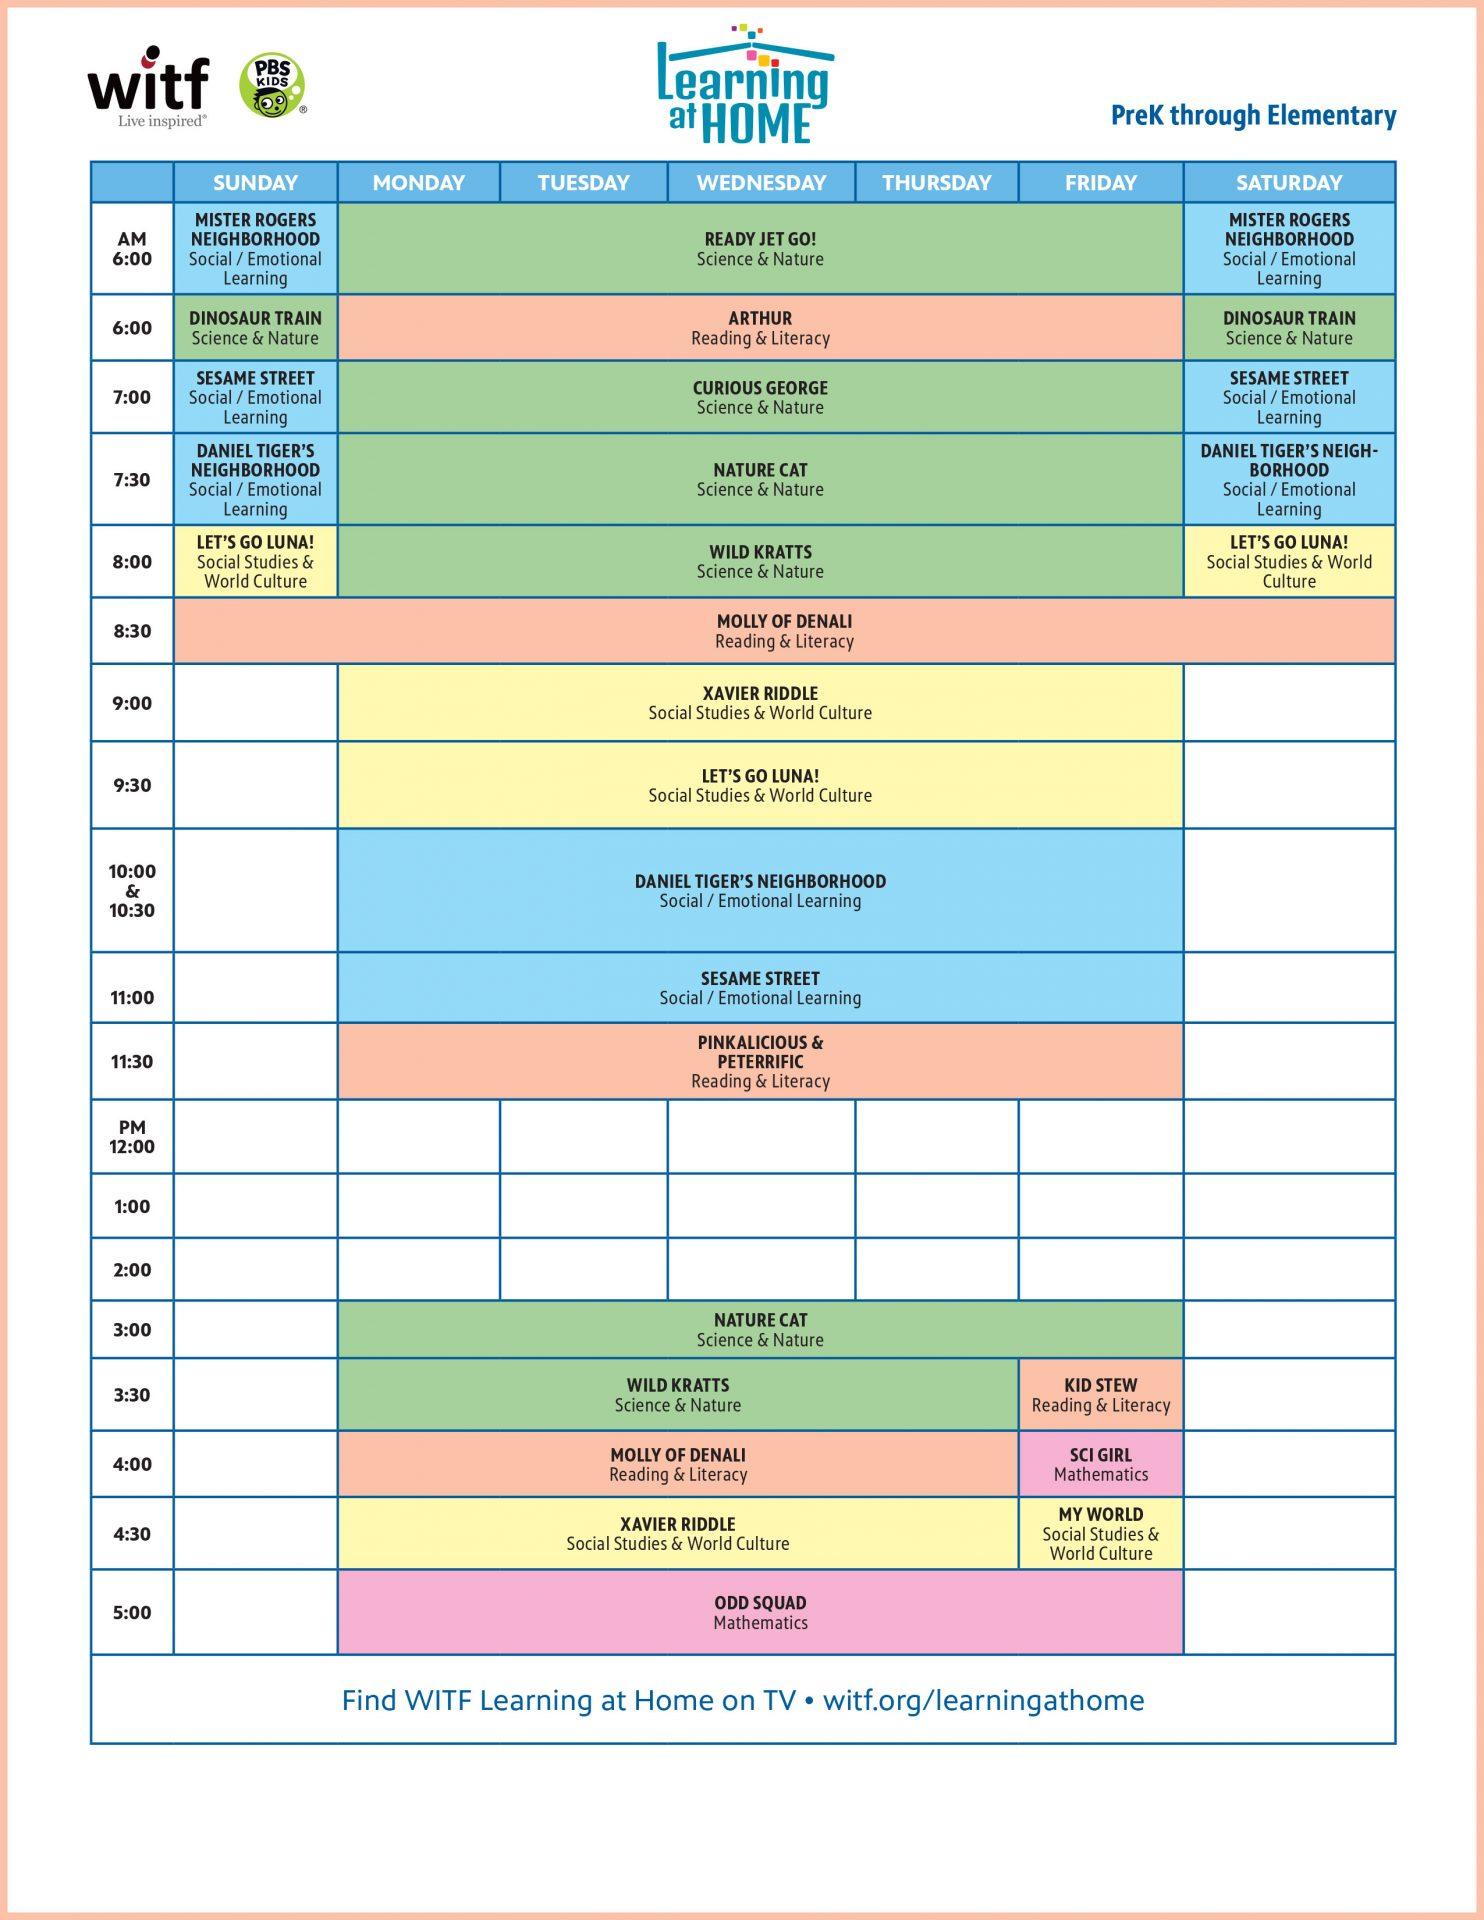 WITF Kids Daytime Schedule